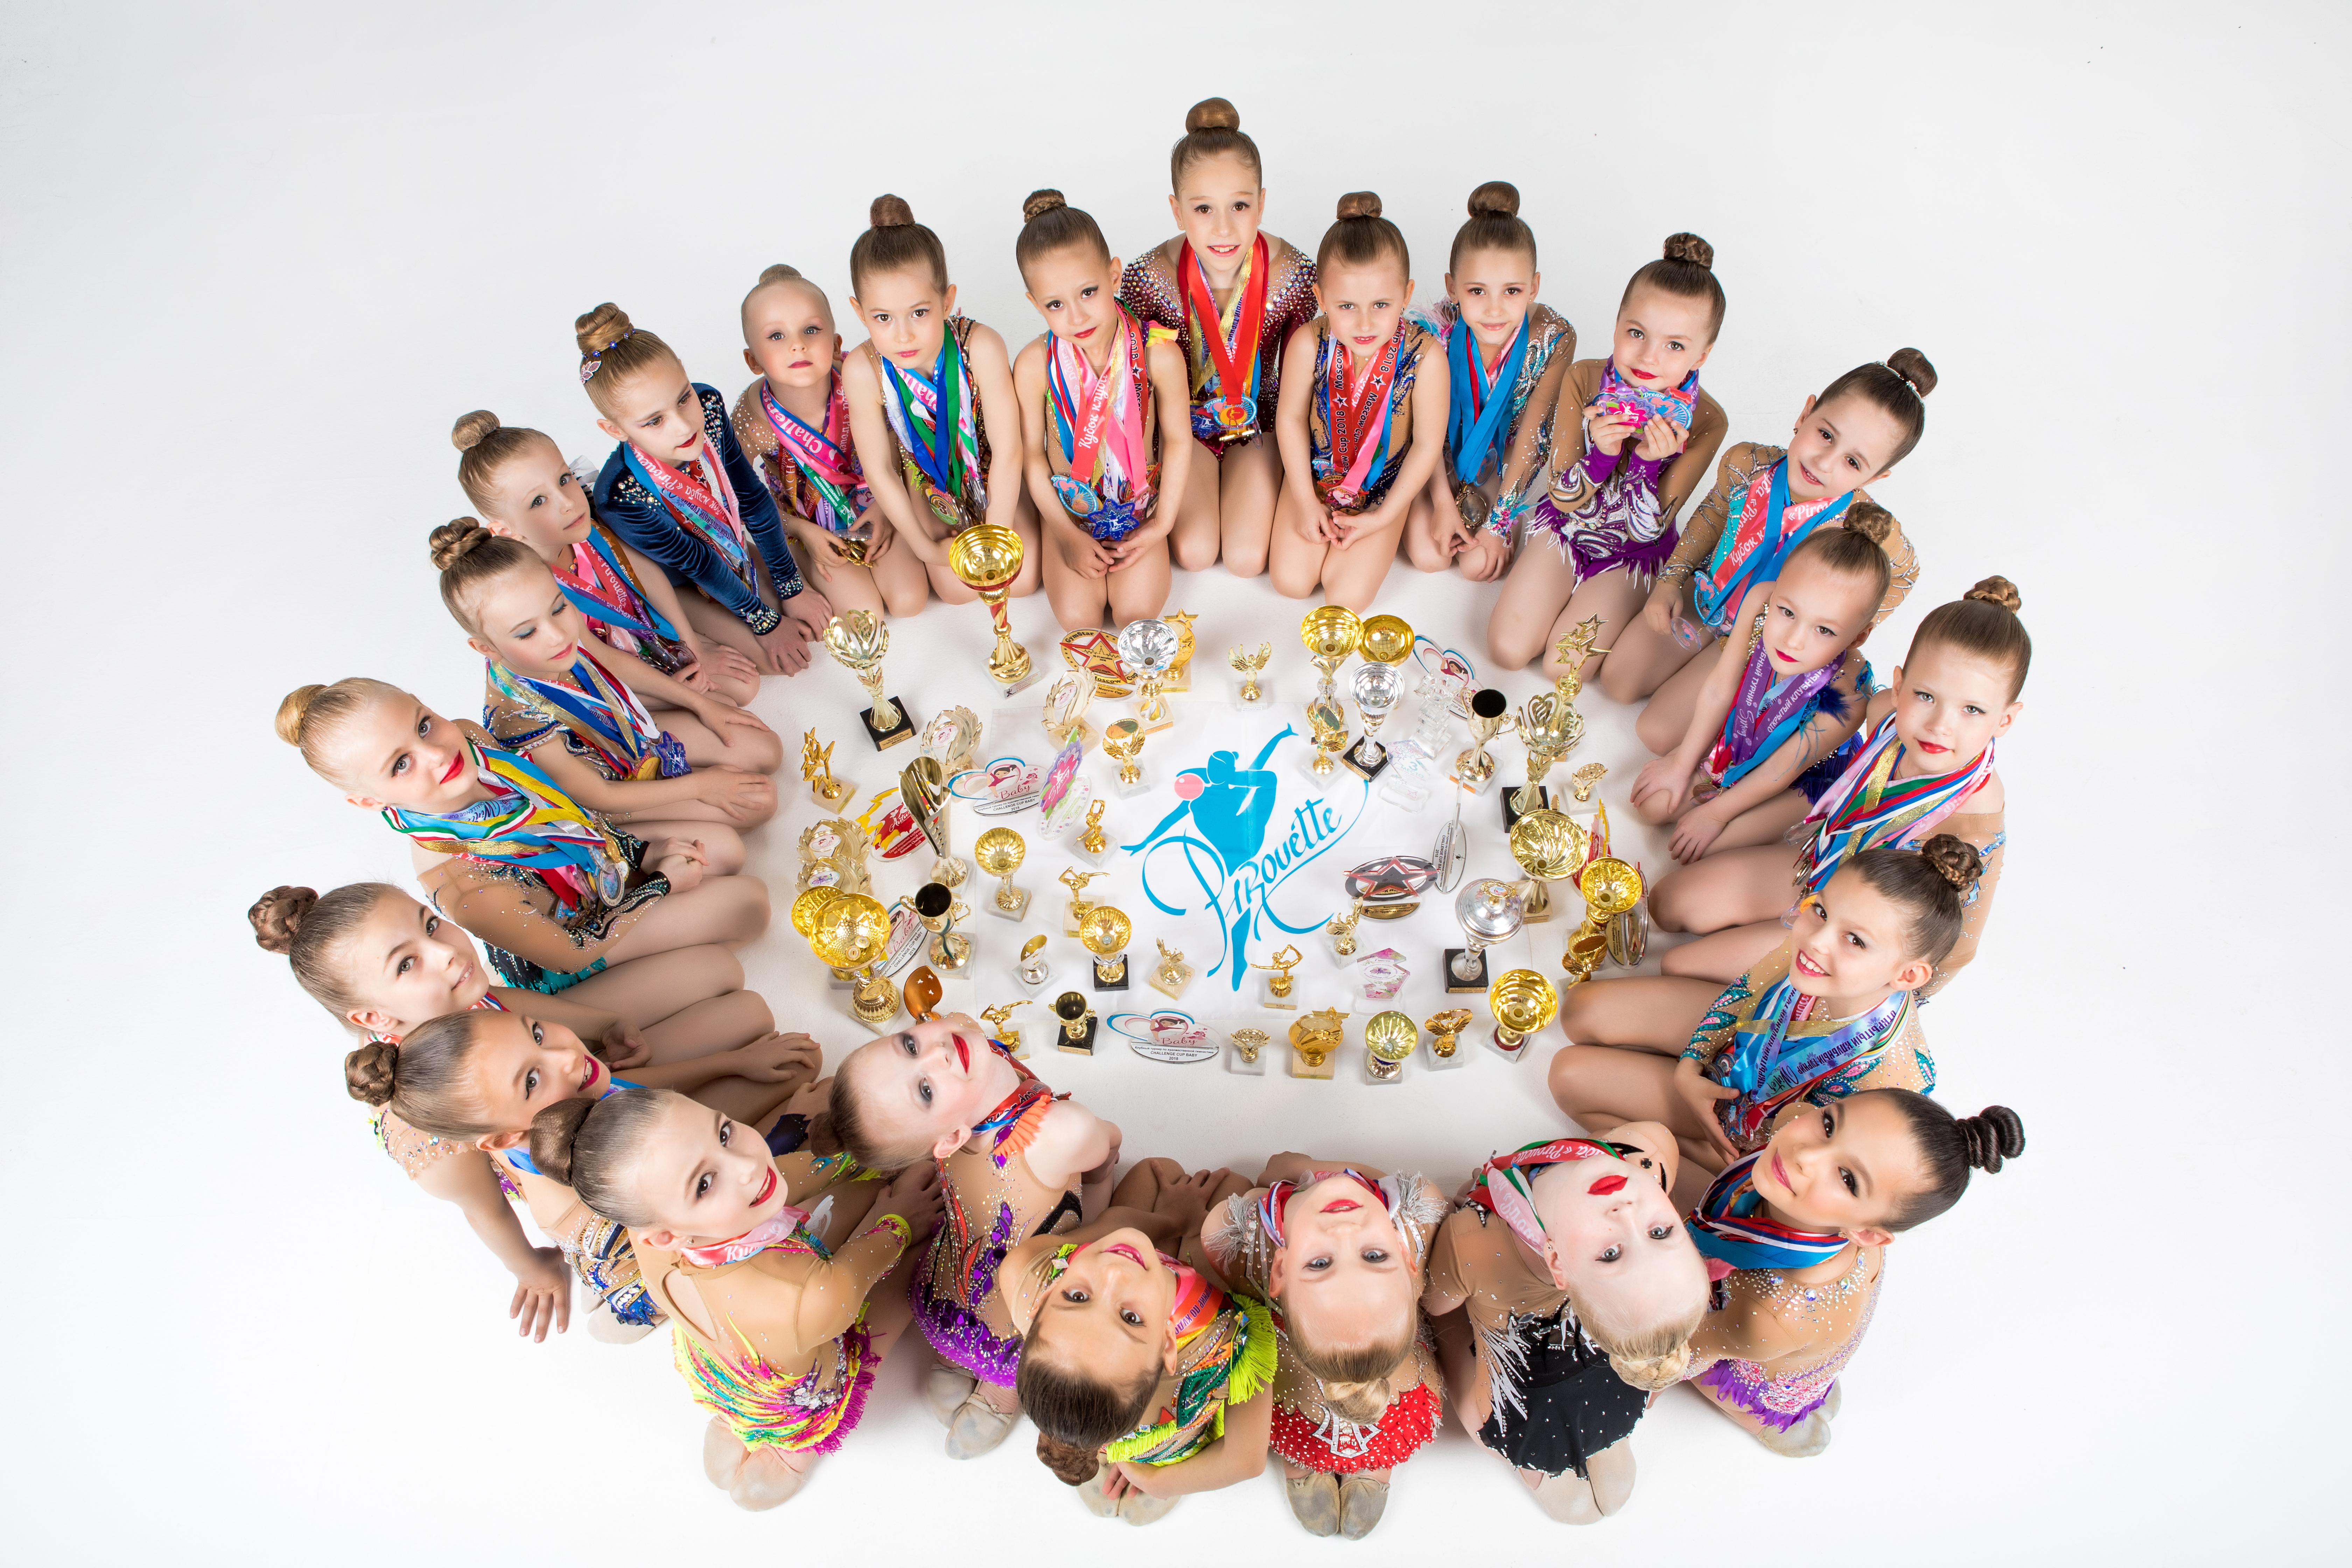 © Спортивный клуб художественной гимнастики Pirouette